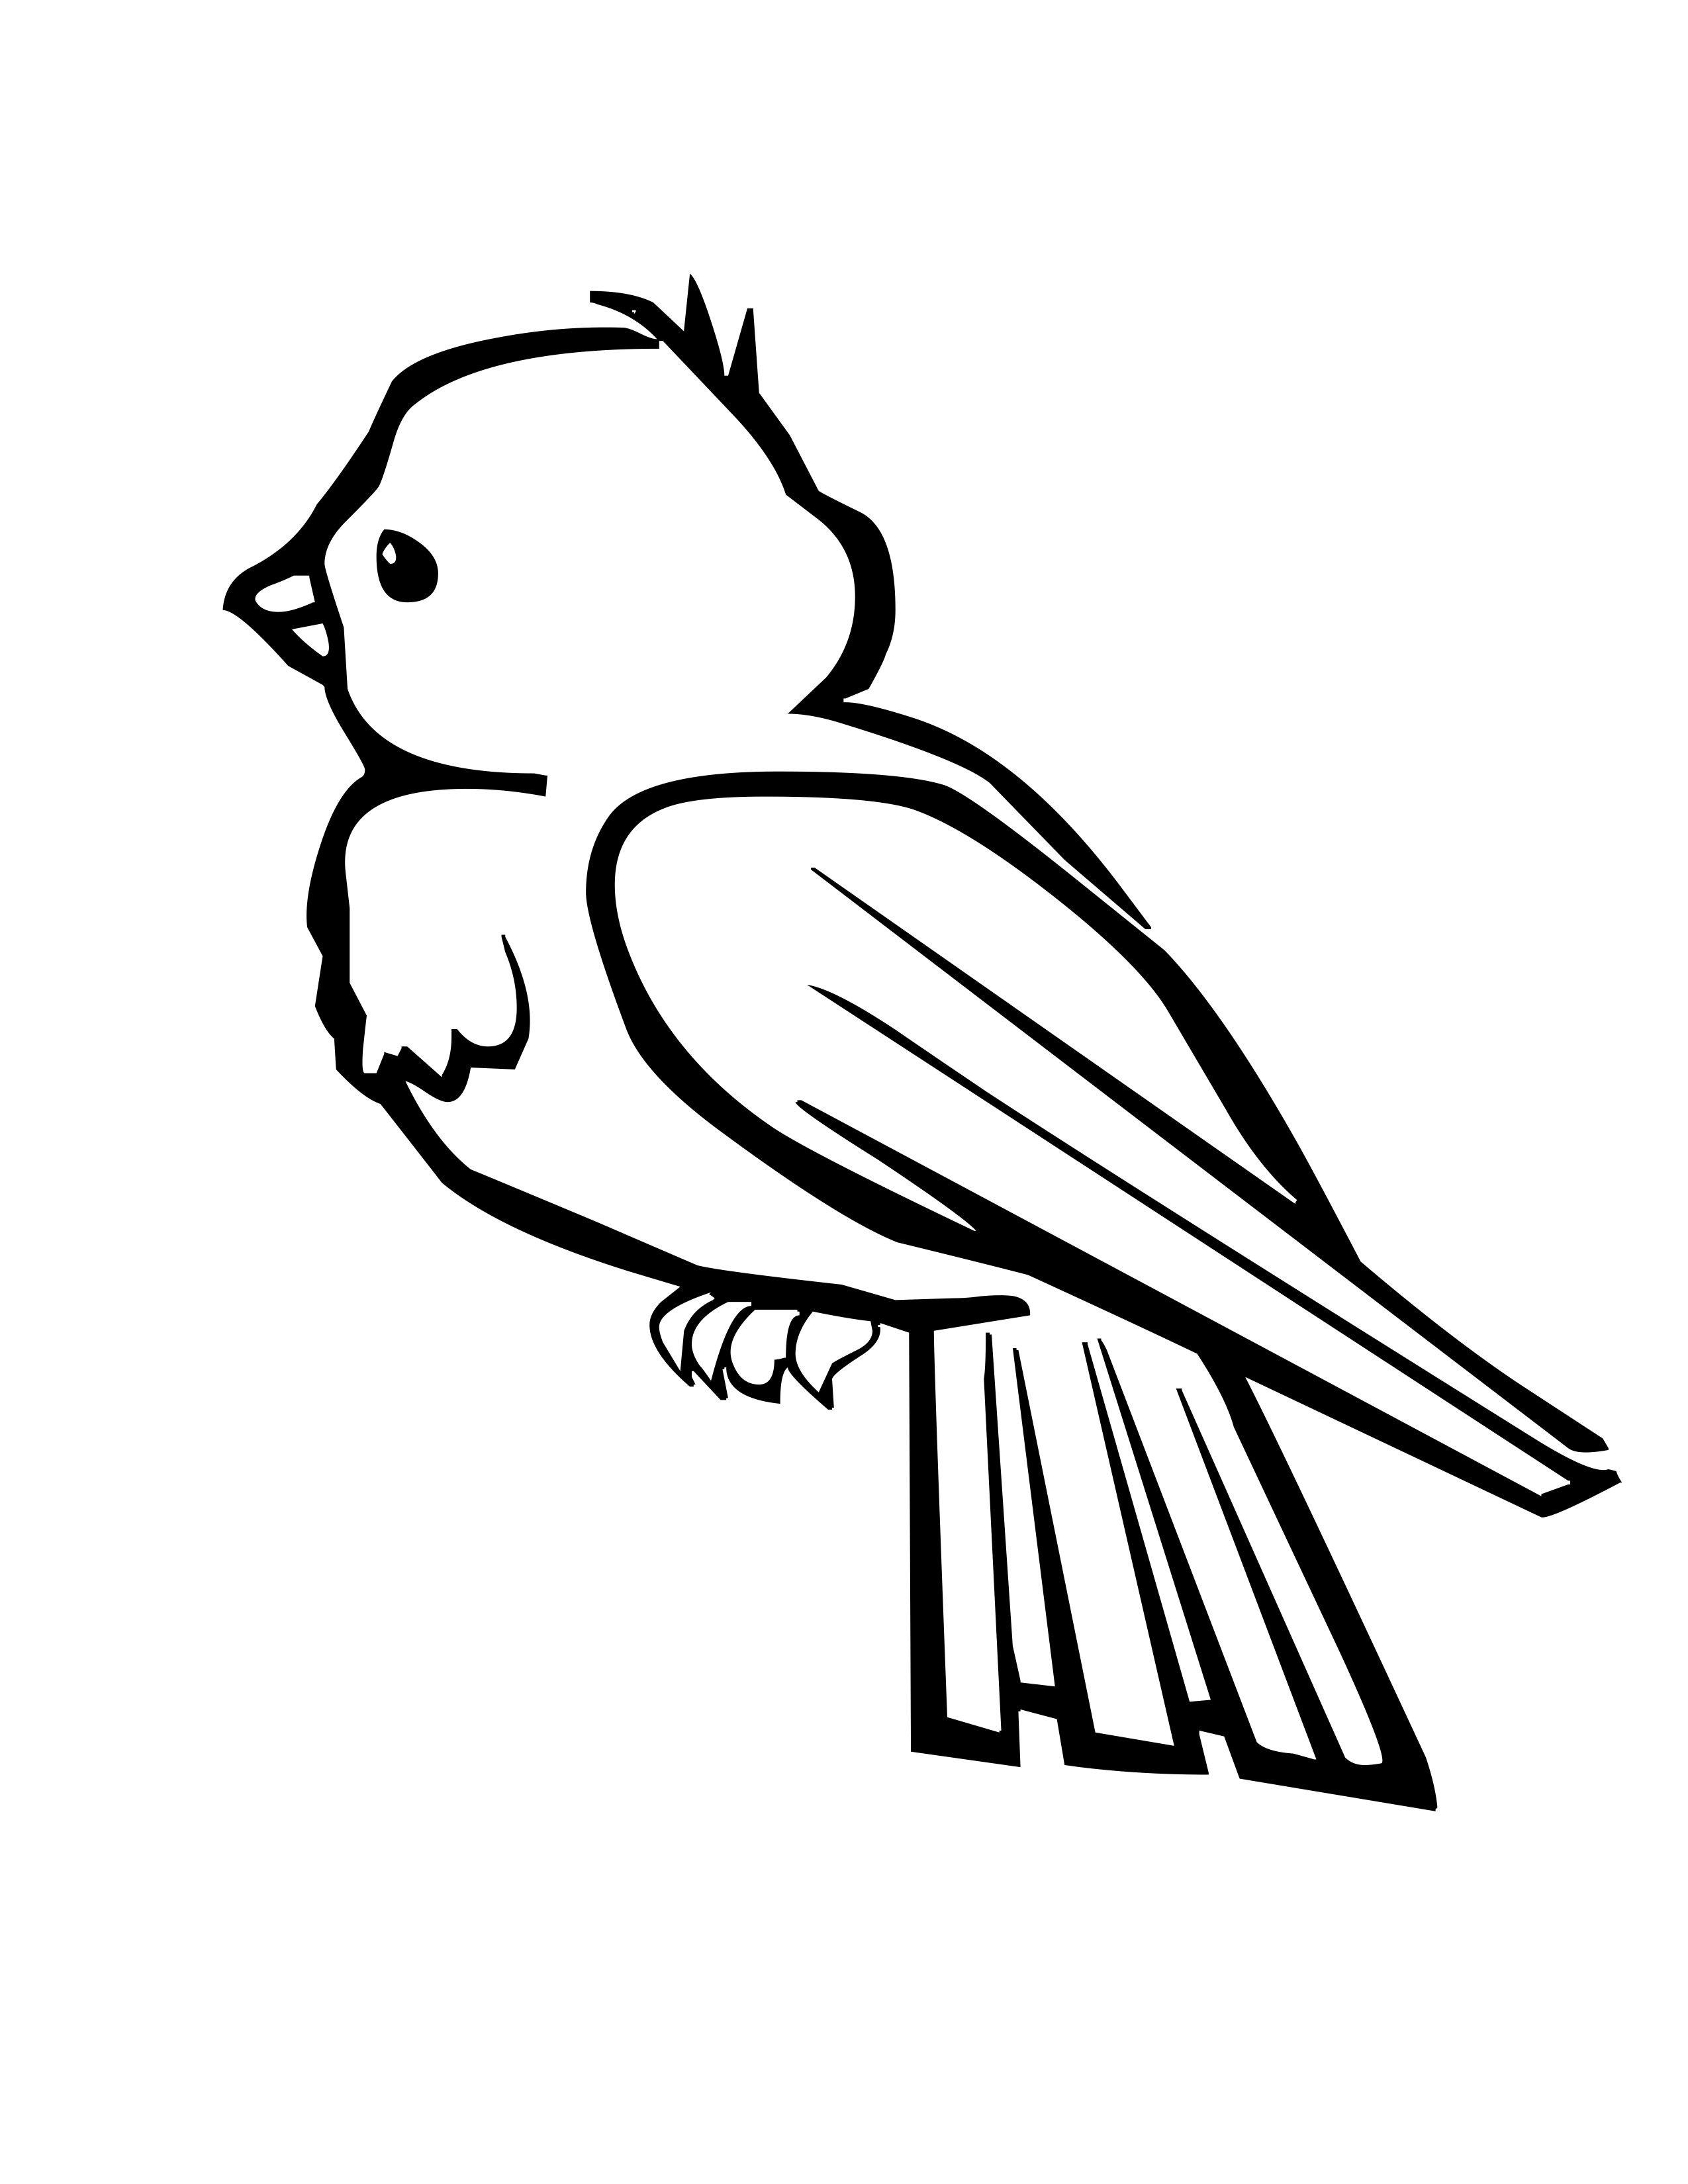 Tranh tô màu hình chú chim quay lưng đi